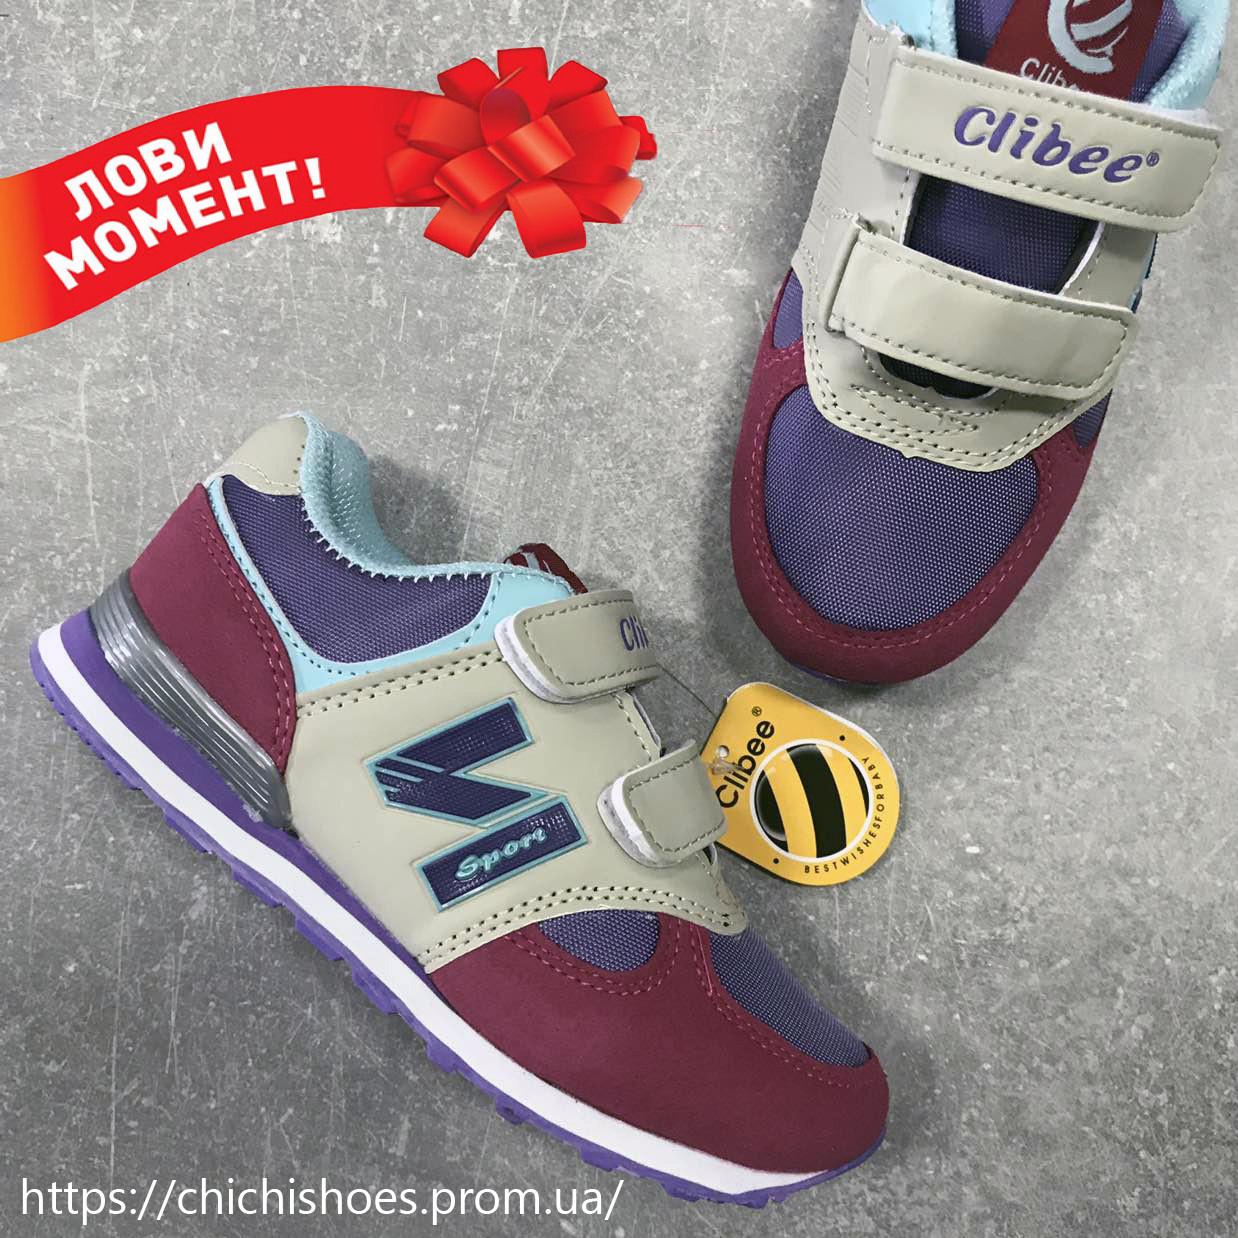 ee81d908 Разноцветные детские кроссовки Clibee 32-35 размер: продажа, цена в ...